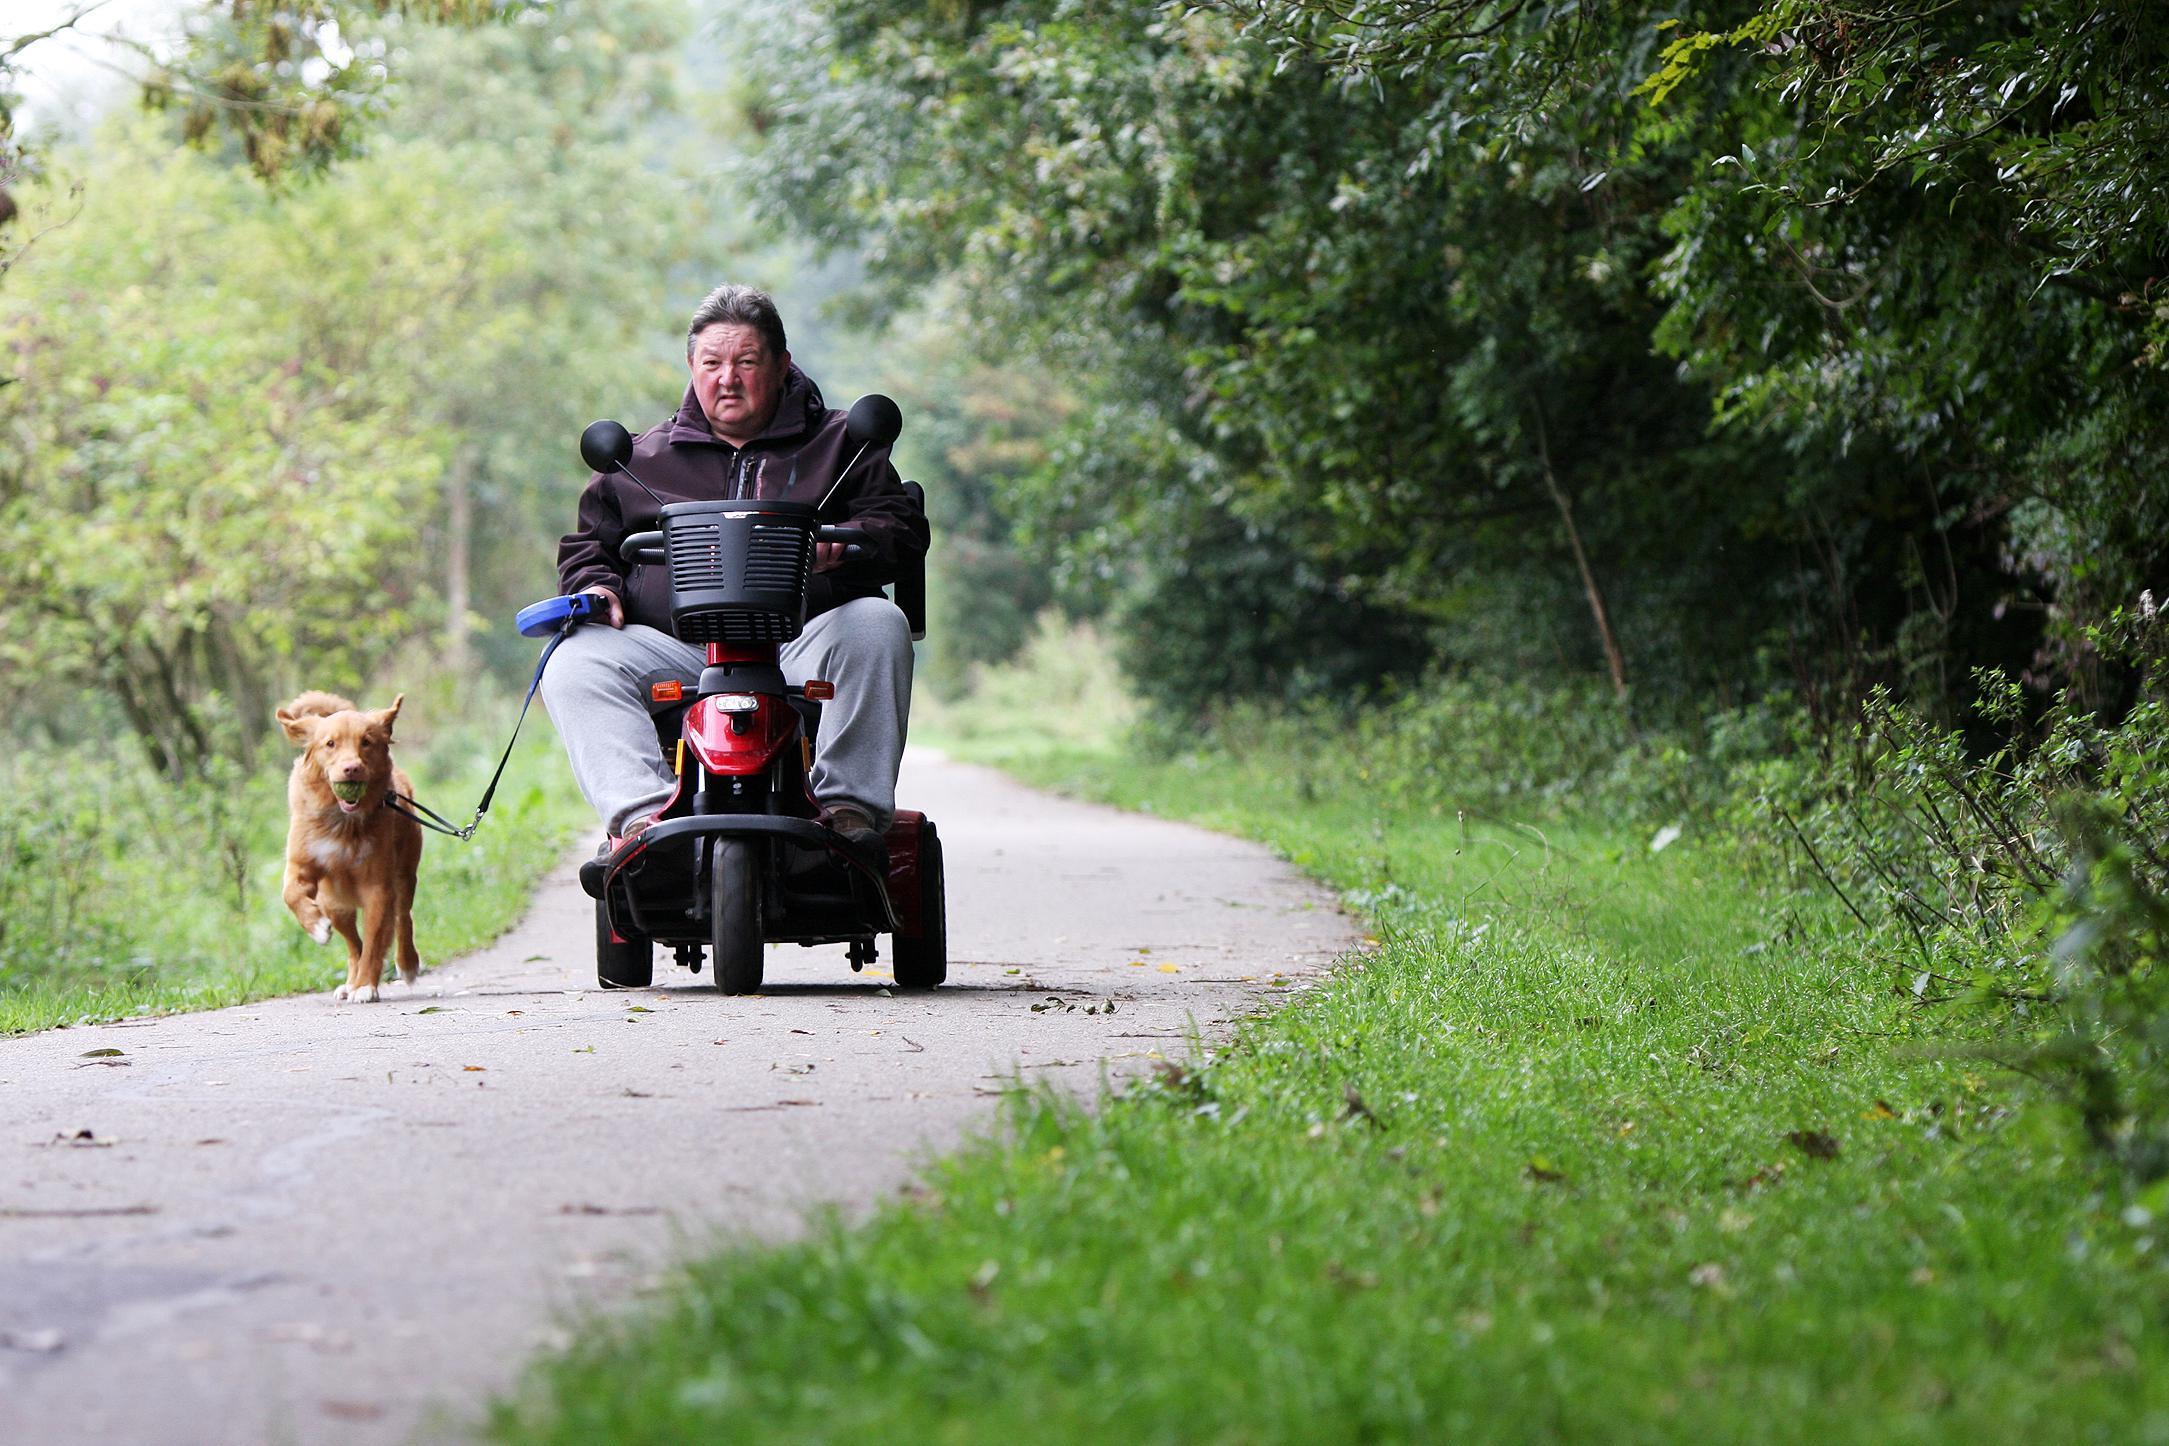 Bezwaar IVN tegen 'niet openbaar' landgoed langs Westkanaalweg in Alphen